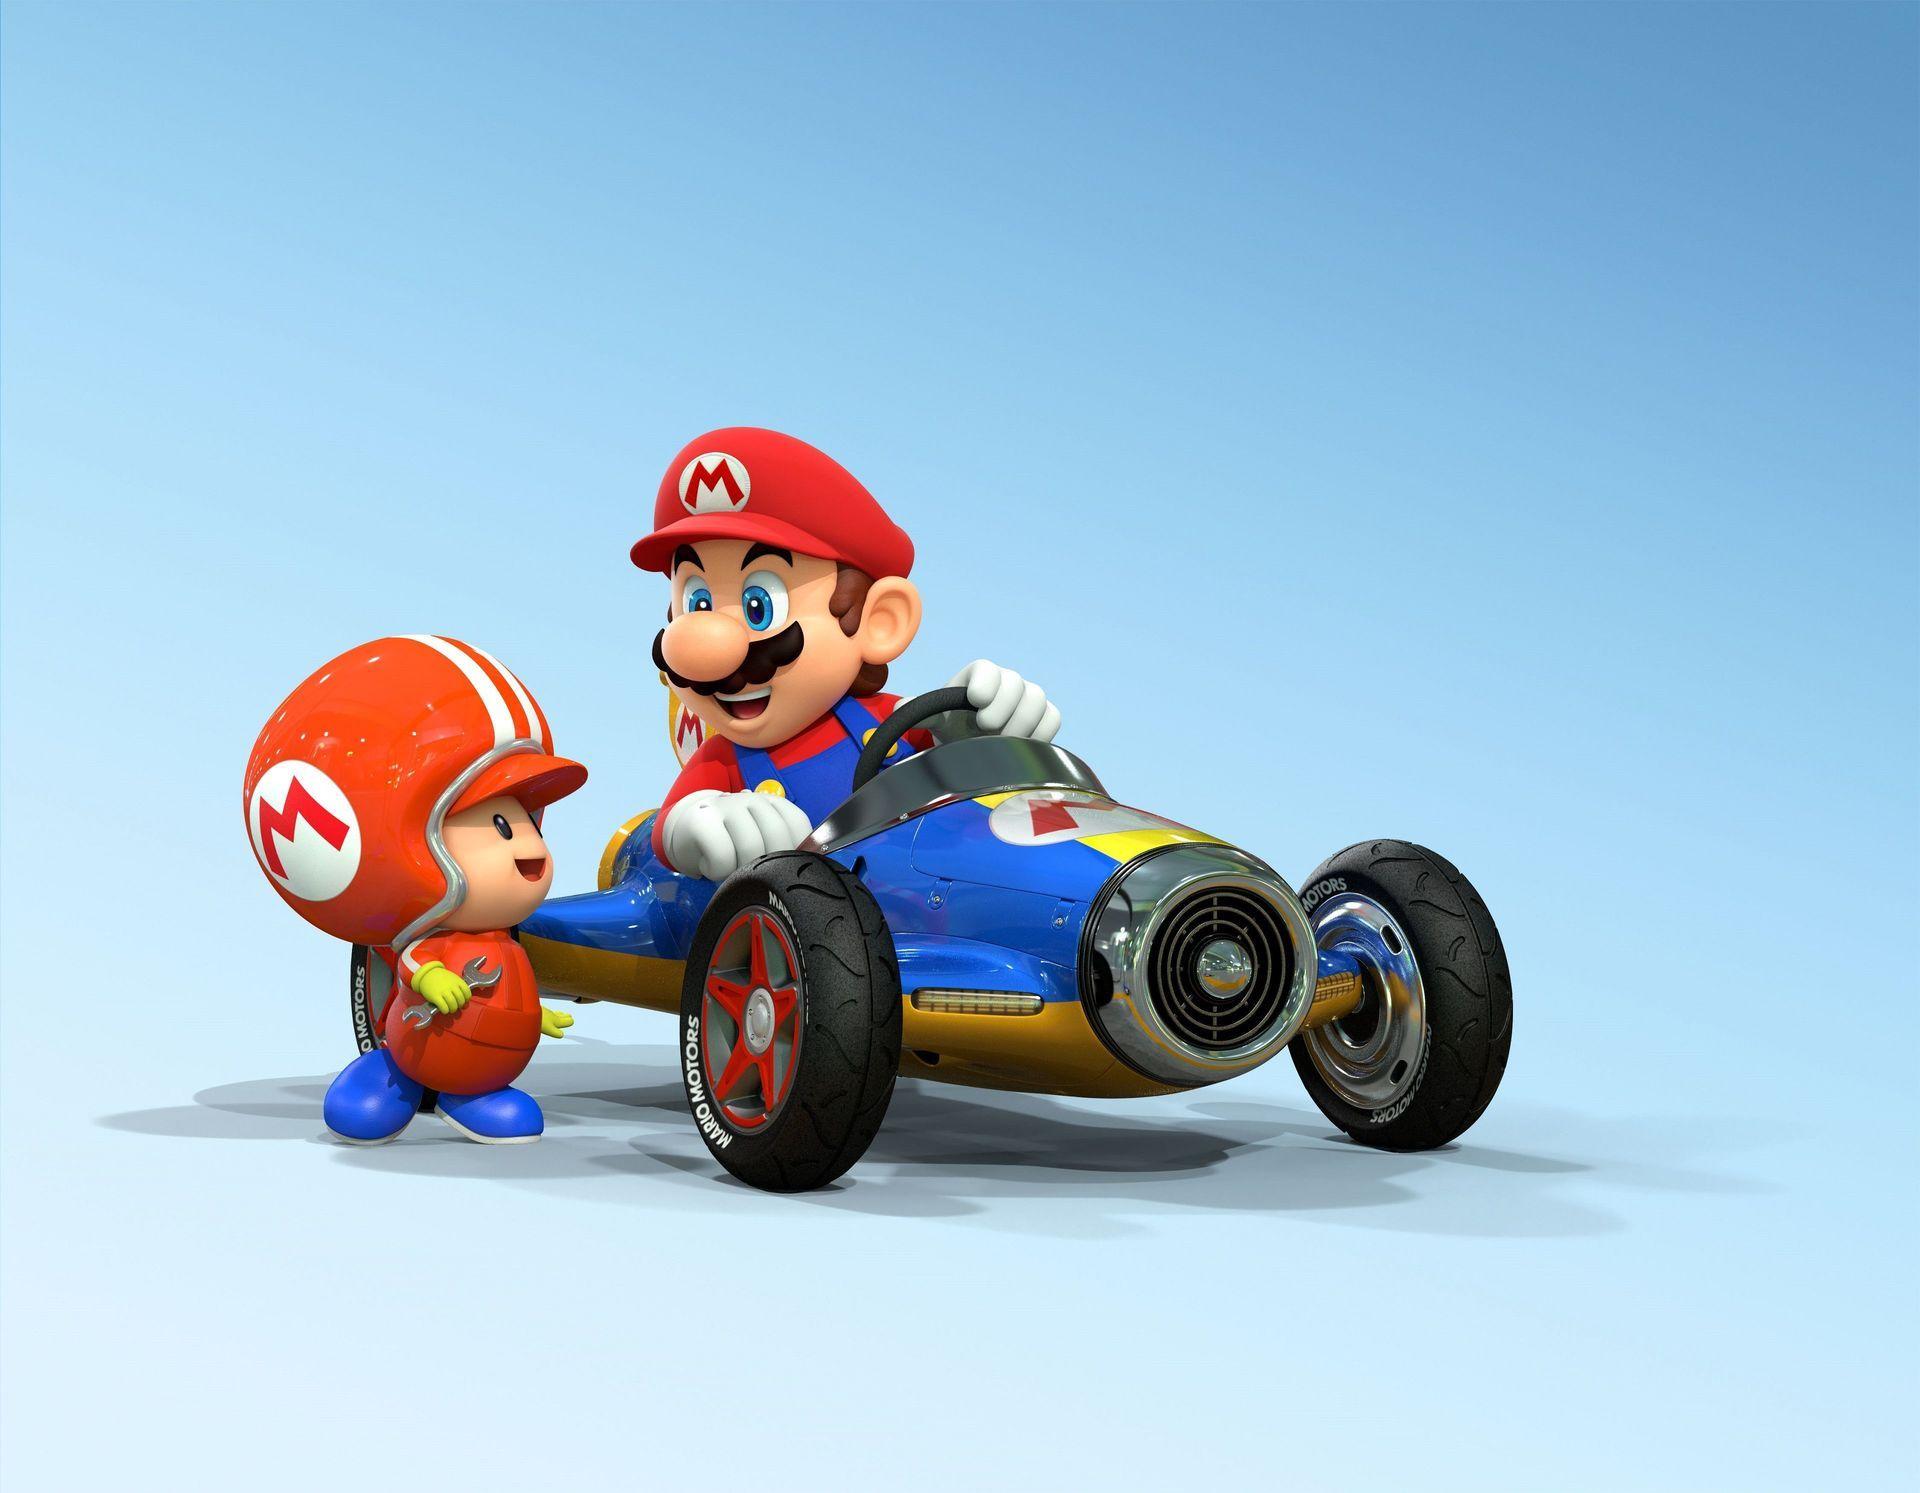 Mario Kart 8 Nintendo Wiiu Mariokart8 Wiiu Nintendowiiu Mariokart Nintendo Carreras Cars Speed Races Race Mariobr Super Mario Art Mario Mario Kart